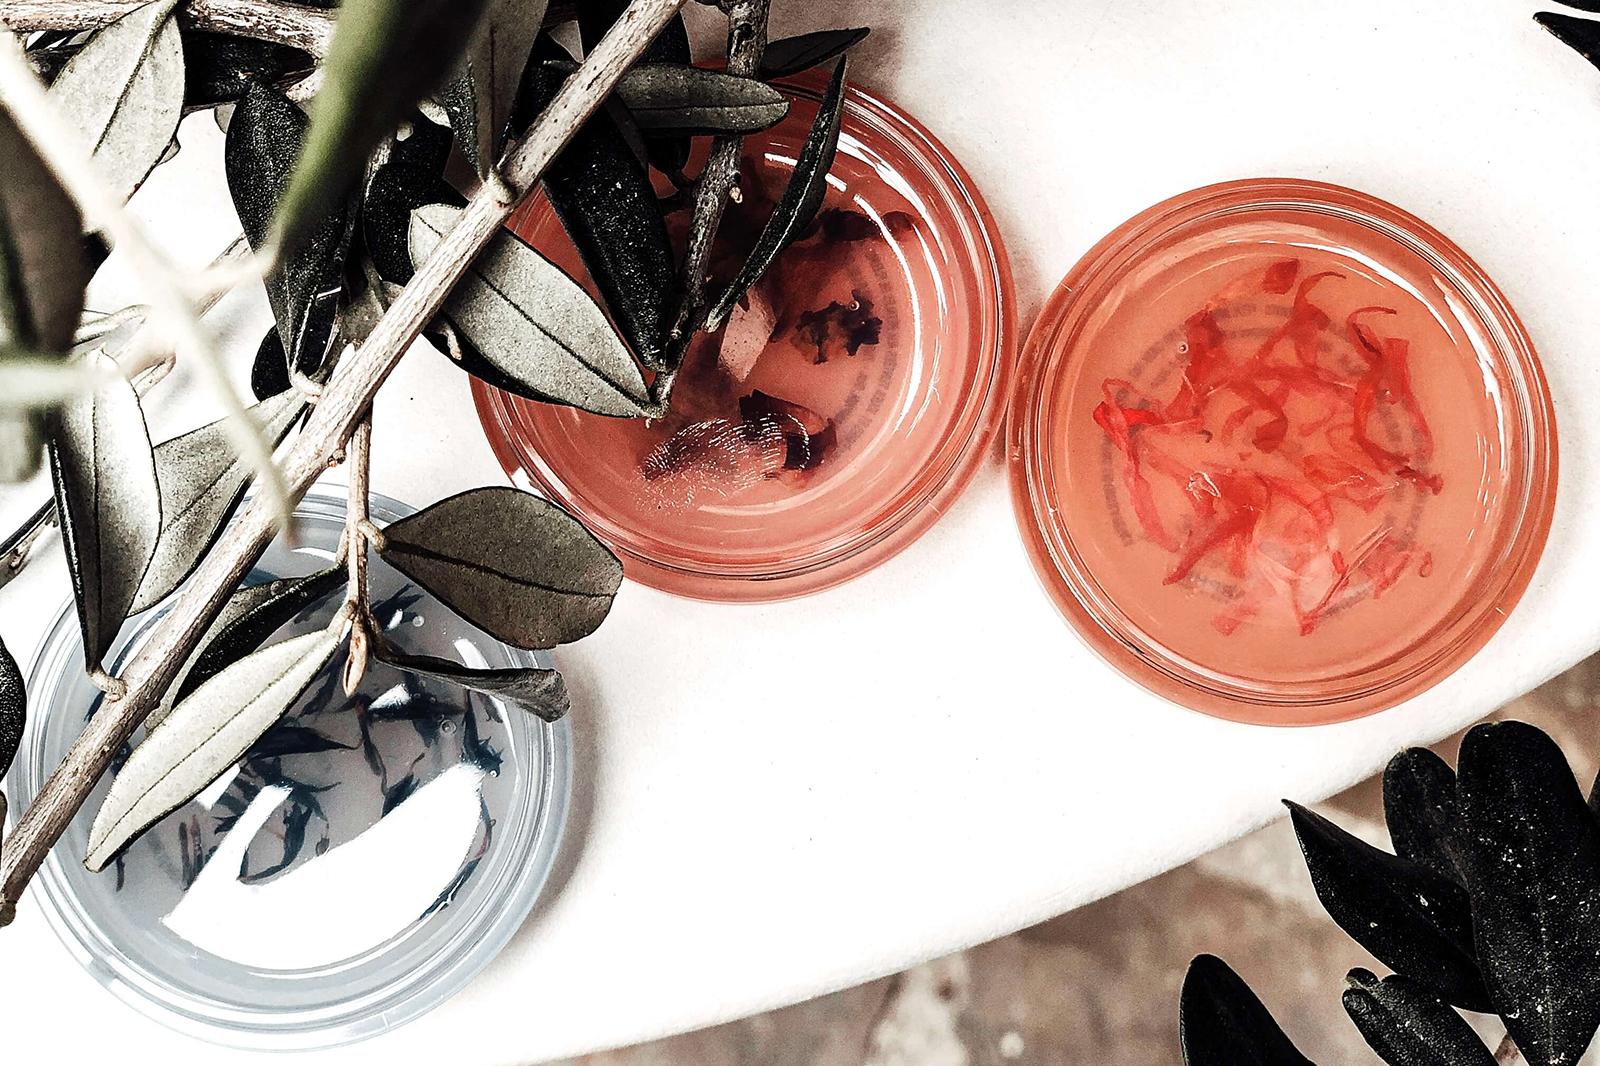 darphin baume a levres joues teinté calendula blueuet rose avis test formule composition ingrdeints